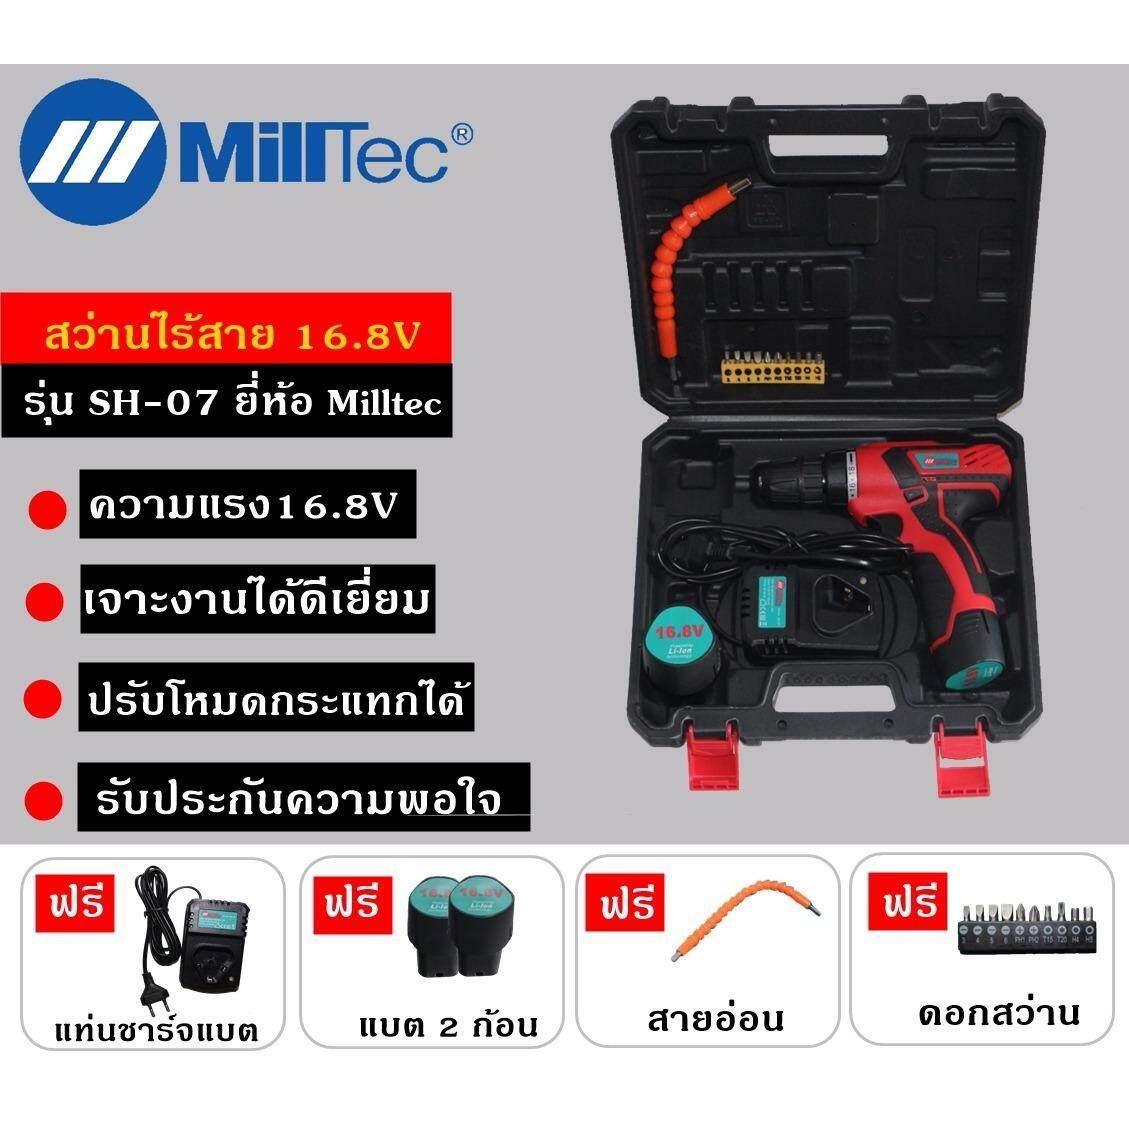 Milltec สว่านไร้สาย/สว่านแบต 16.8 โวลต์ - สีแดง